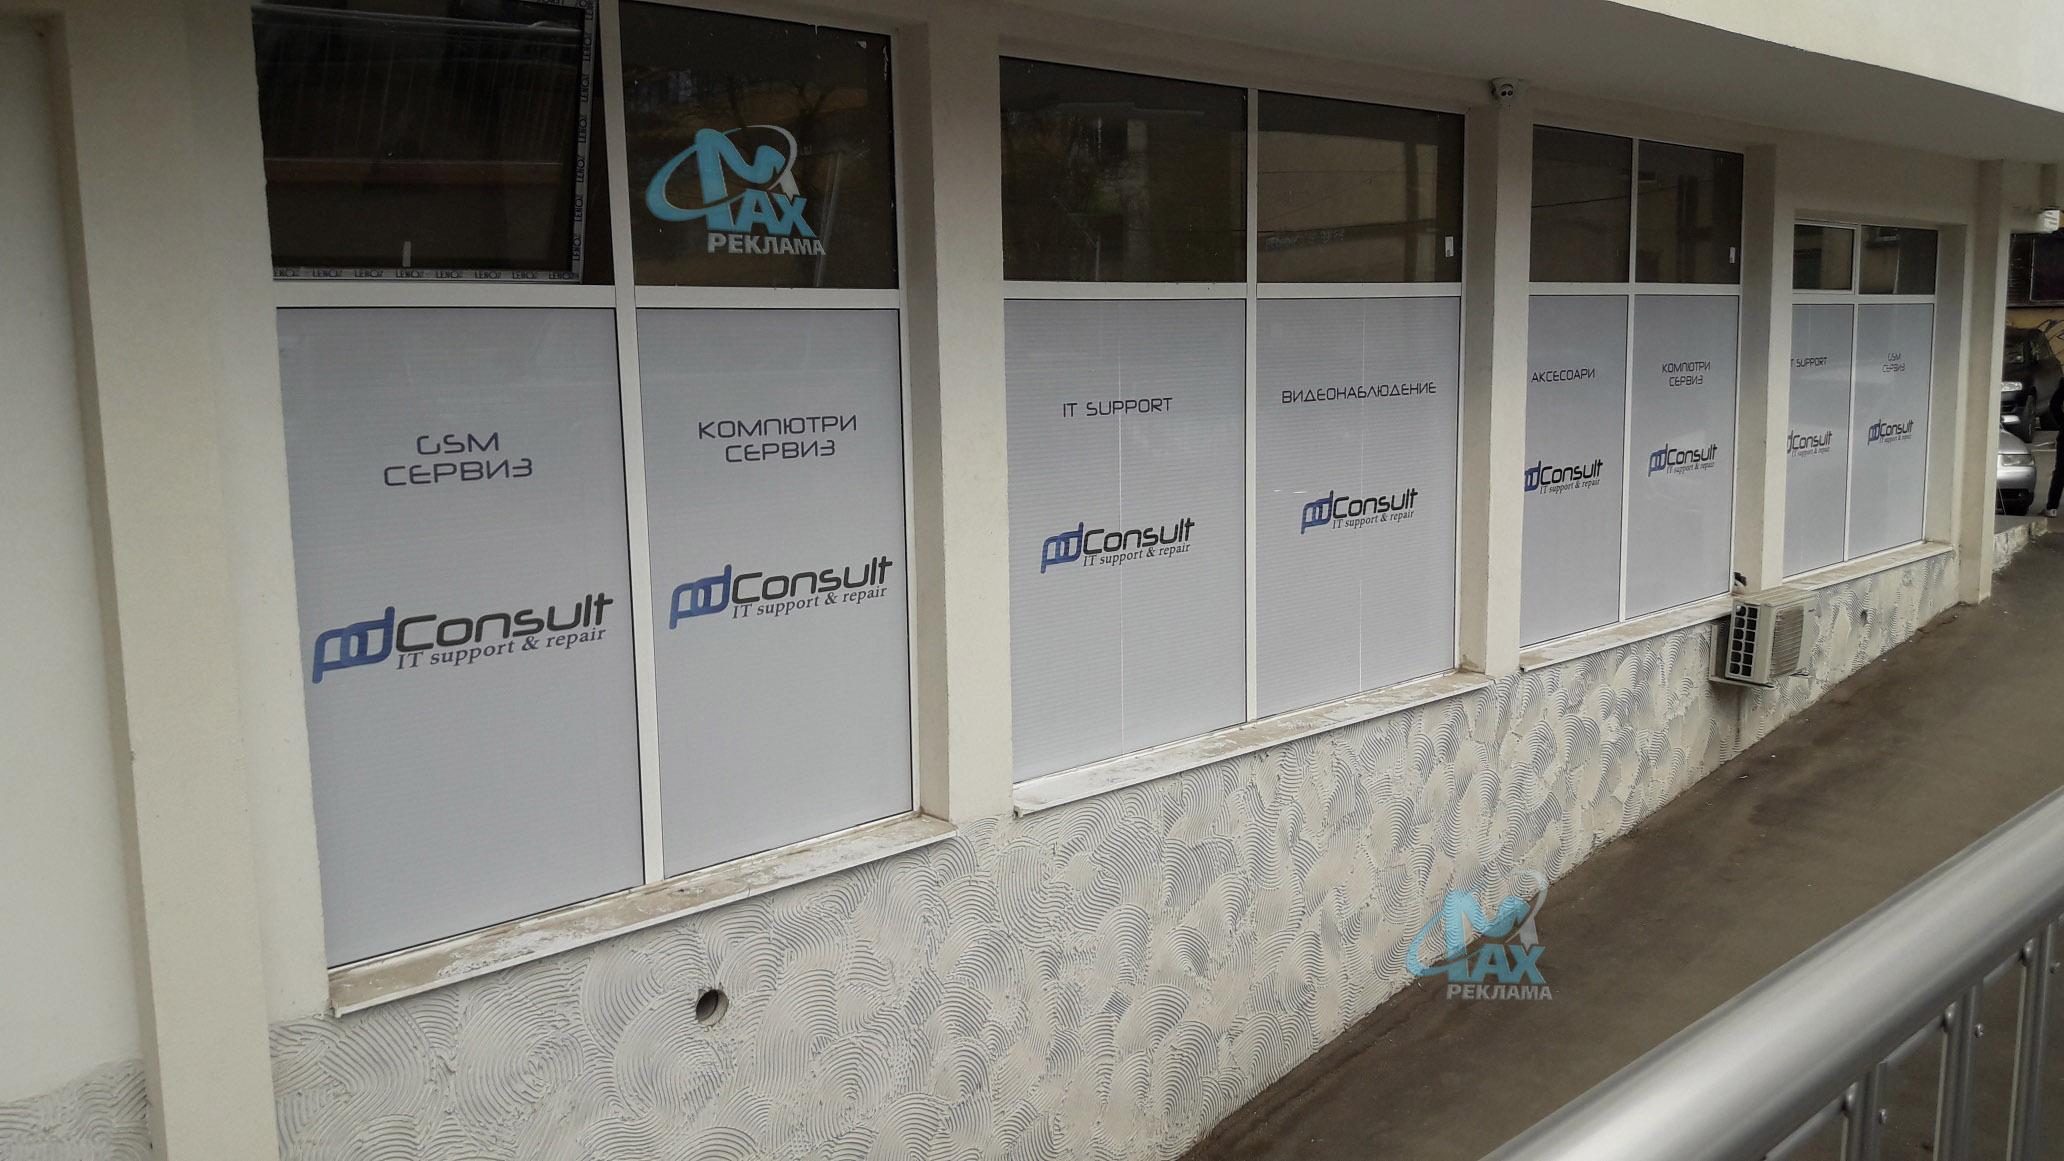 витринна реклама - перфо фолио